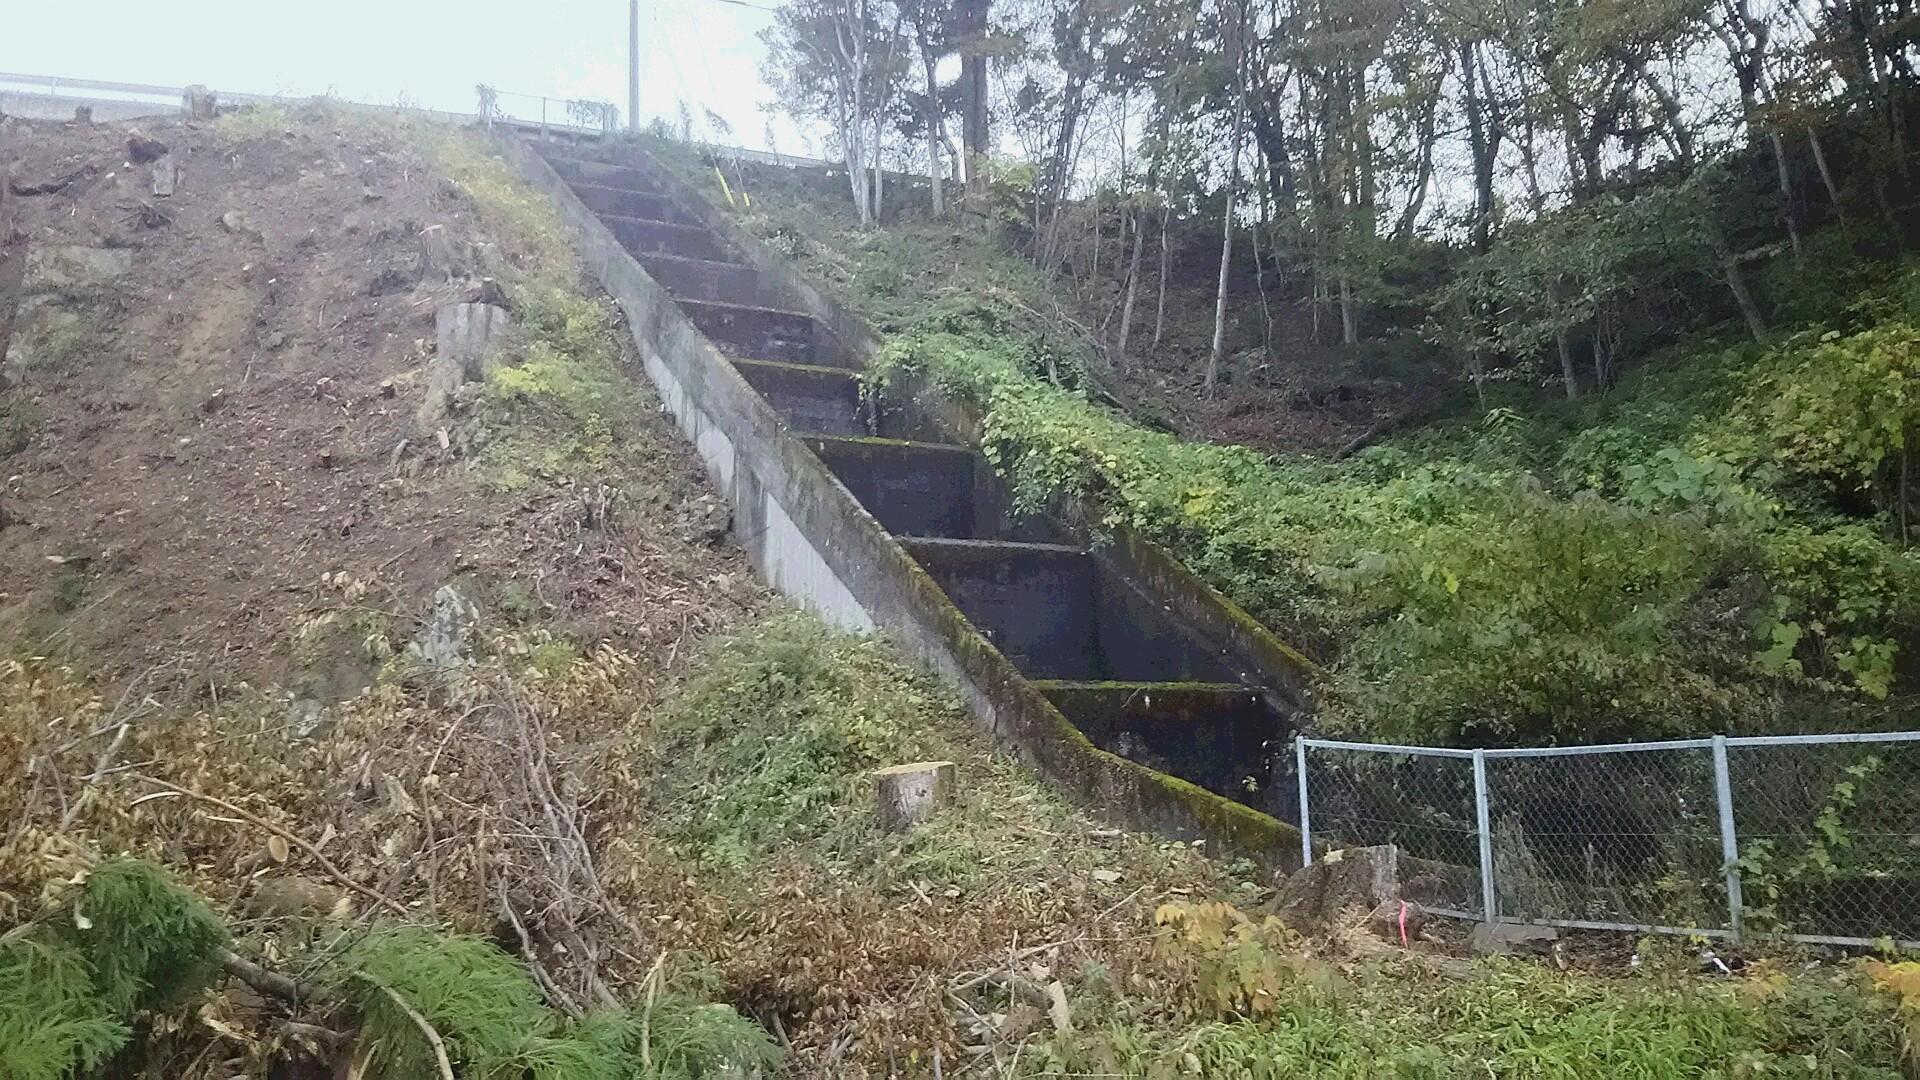 27,11桜井落差工:水力発電